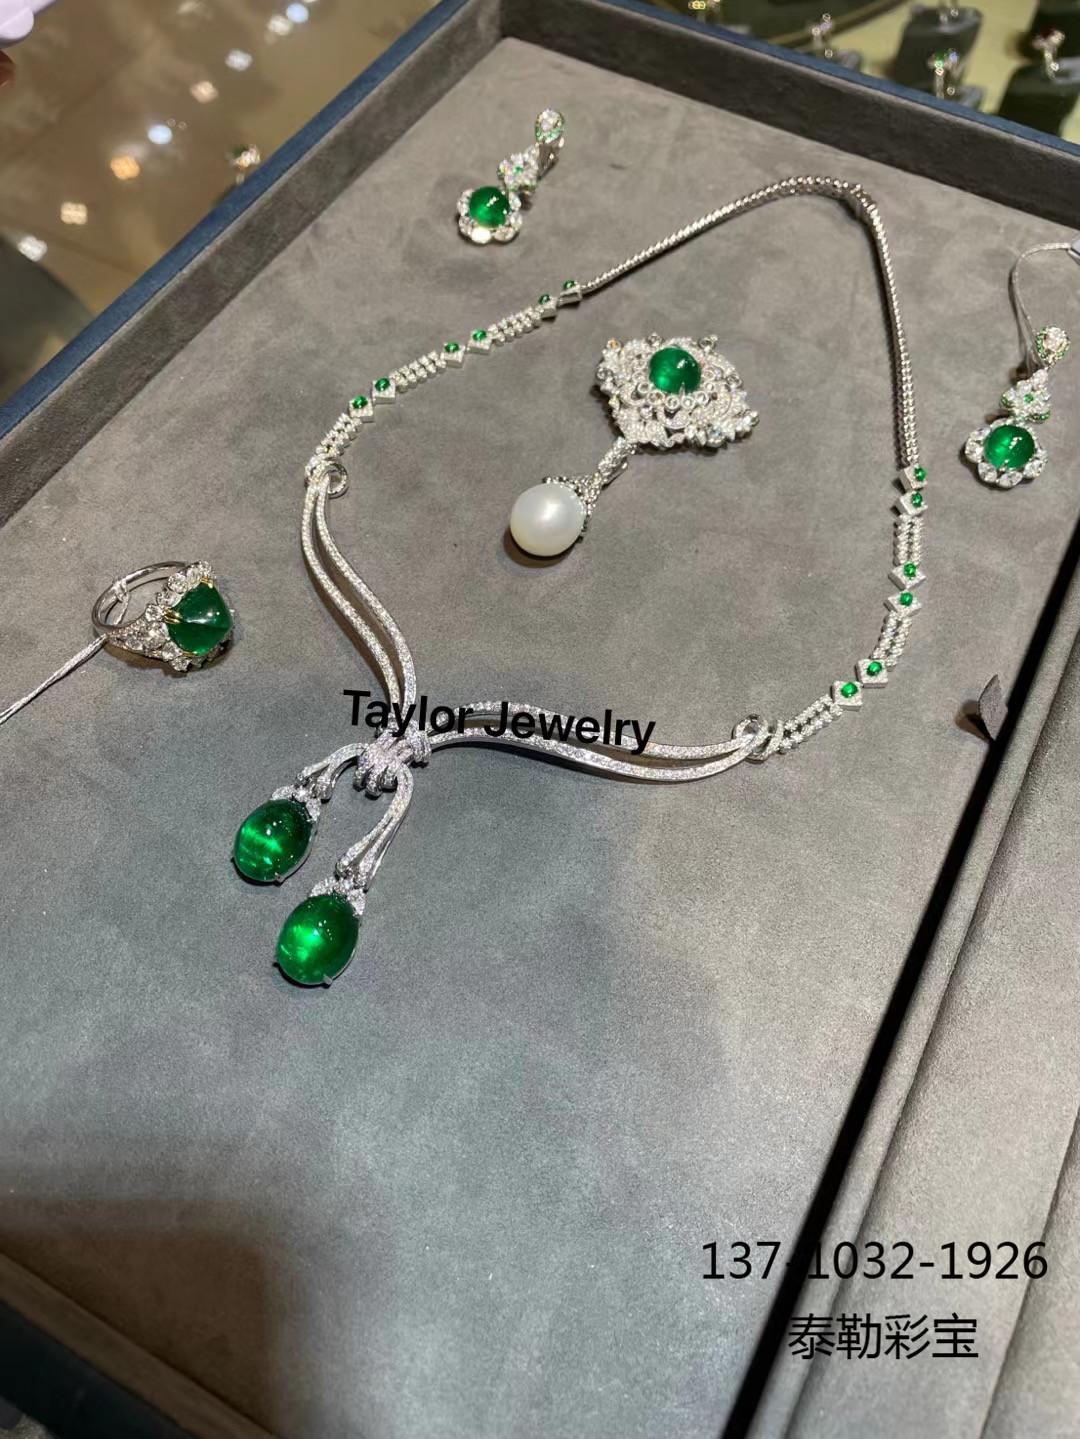 一套具有高级感的珠宝,可以陪伴女人一生!